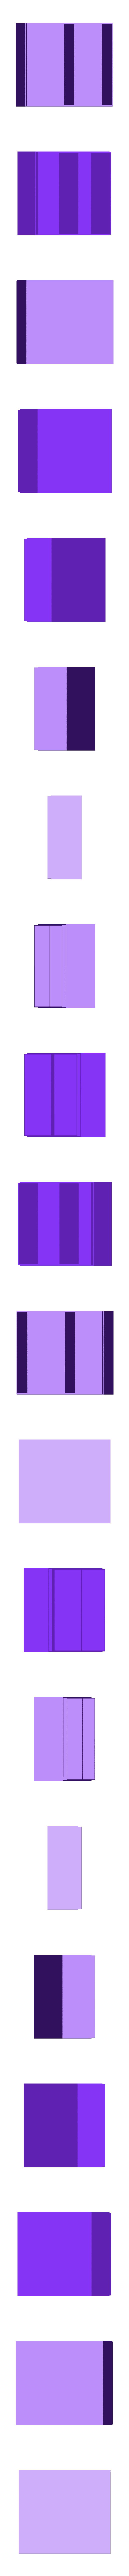 Evolution_Case_Base.stl Télécharger fichier STL gratuit L'évolution : Le commencement • Design pour imprimante 3D, Hardcore3D